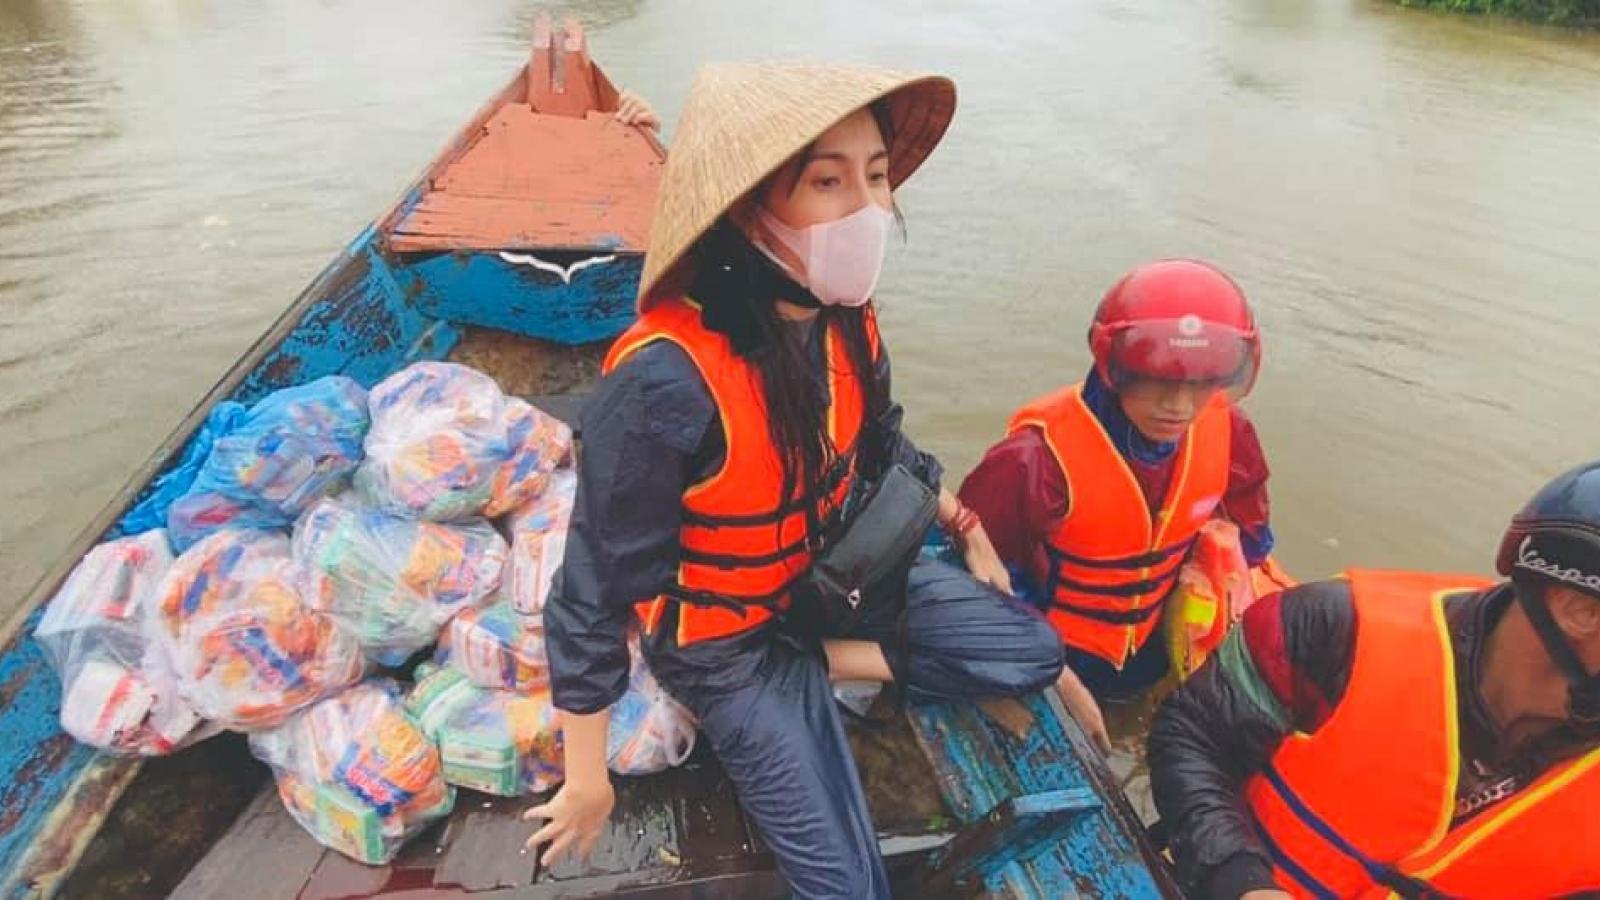 Thủy Tiên công bố quyên góp được 100 tỷ đồng cứu trợ miền Trung